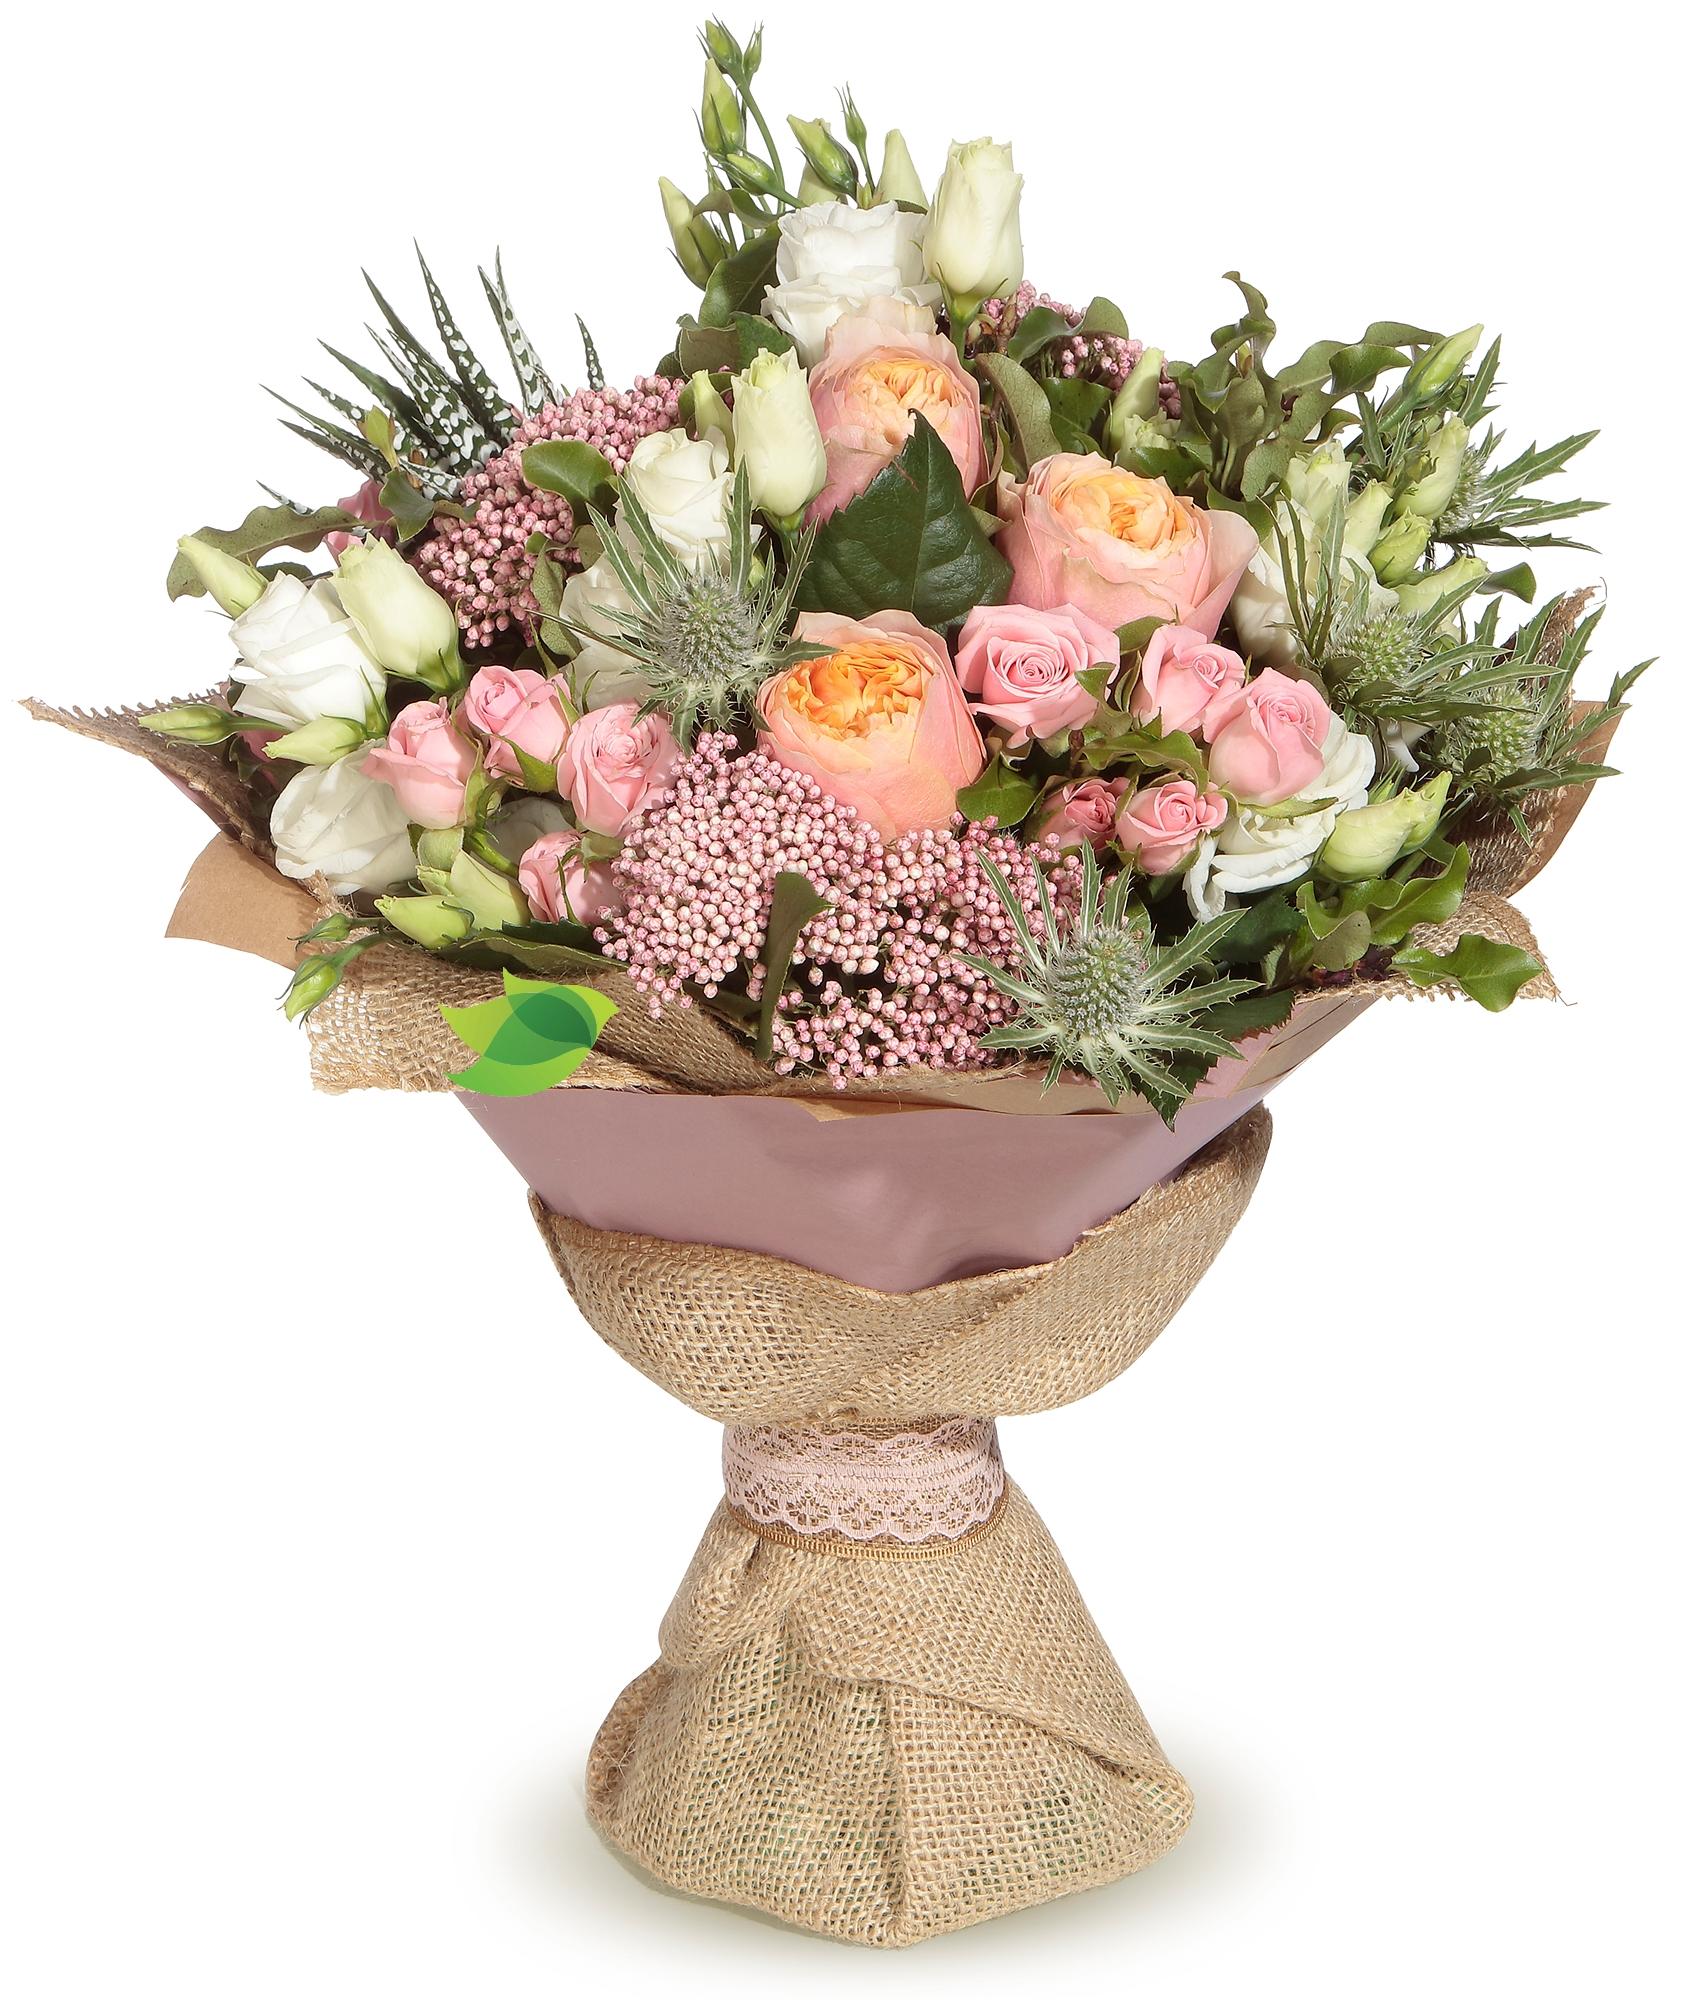 Фото букета: Пионовидные розы и лизиантус